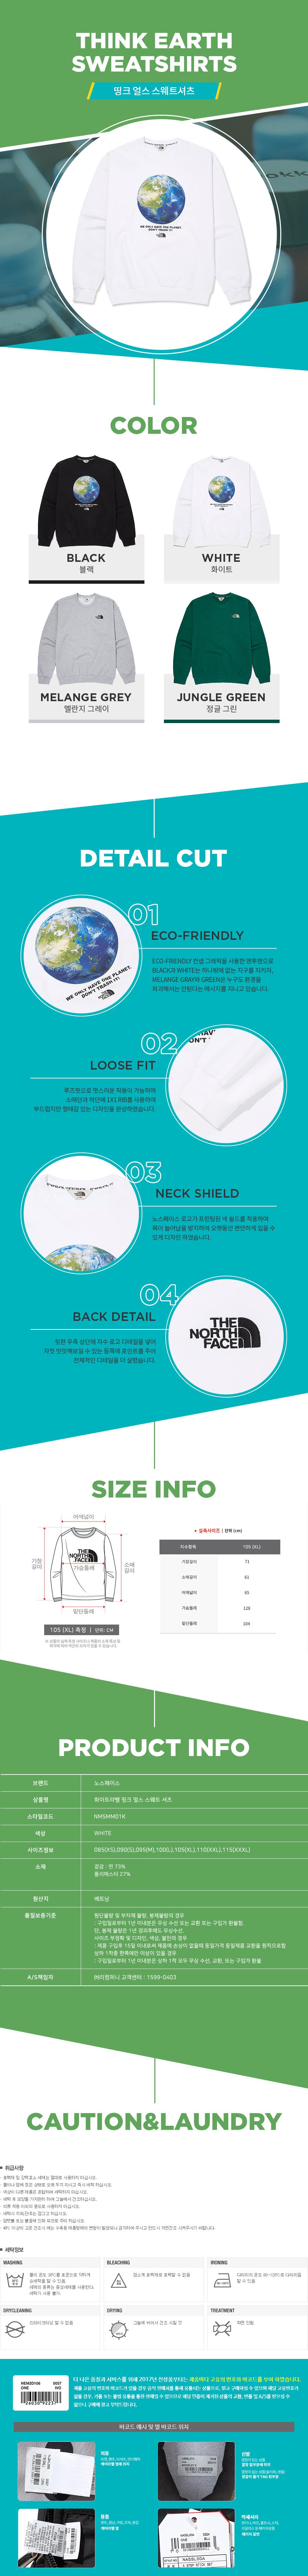 노스페이스(THE NORTH FACE) NM5MM01K_화이트라벨 띵크 얼스 스웨트 셔츠